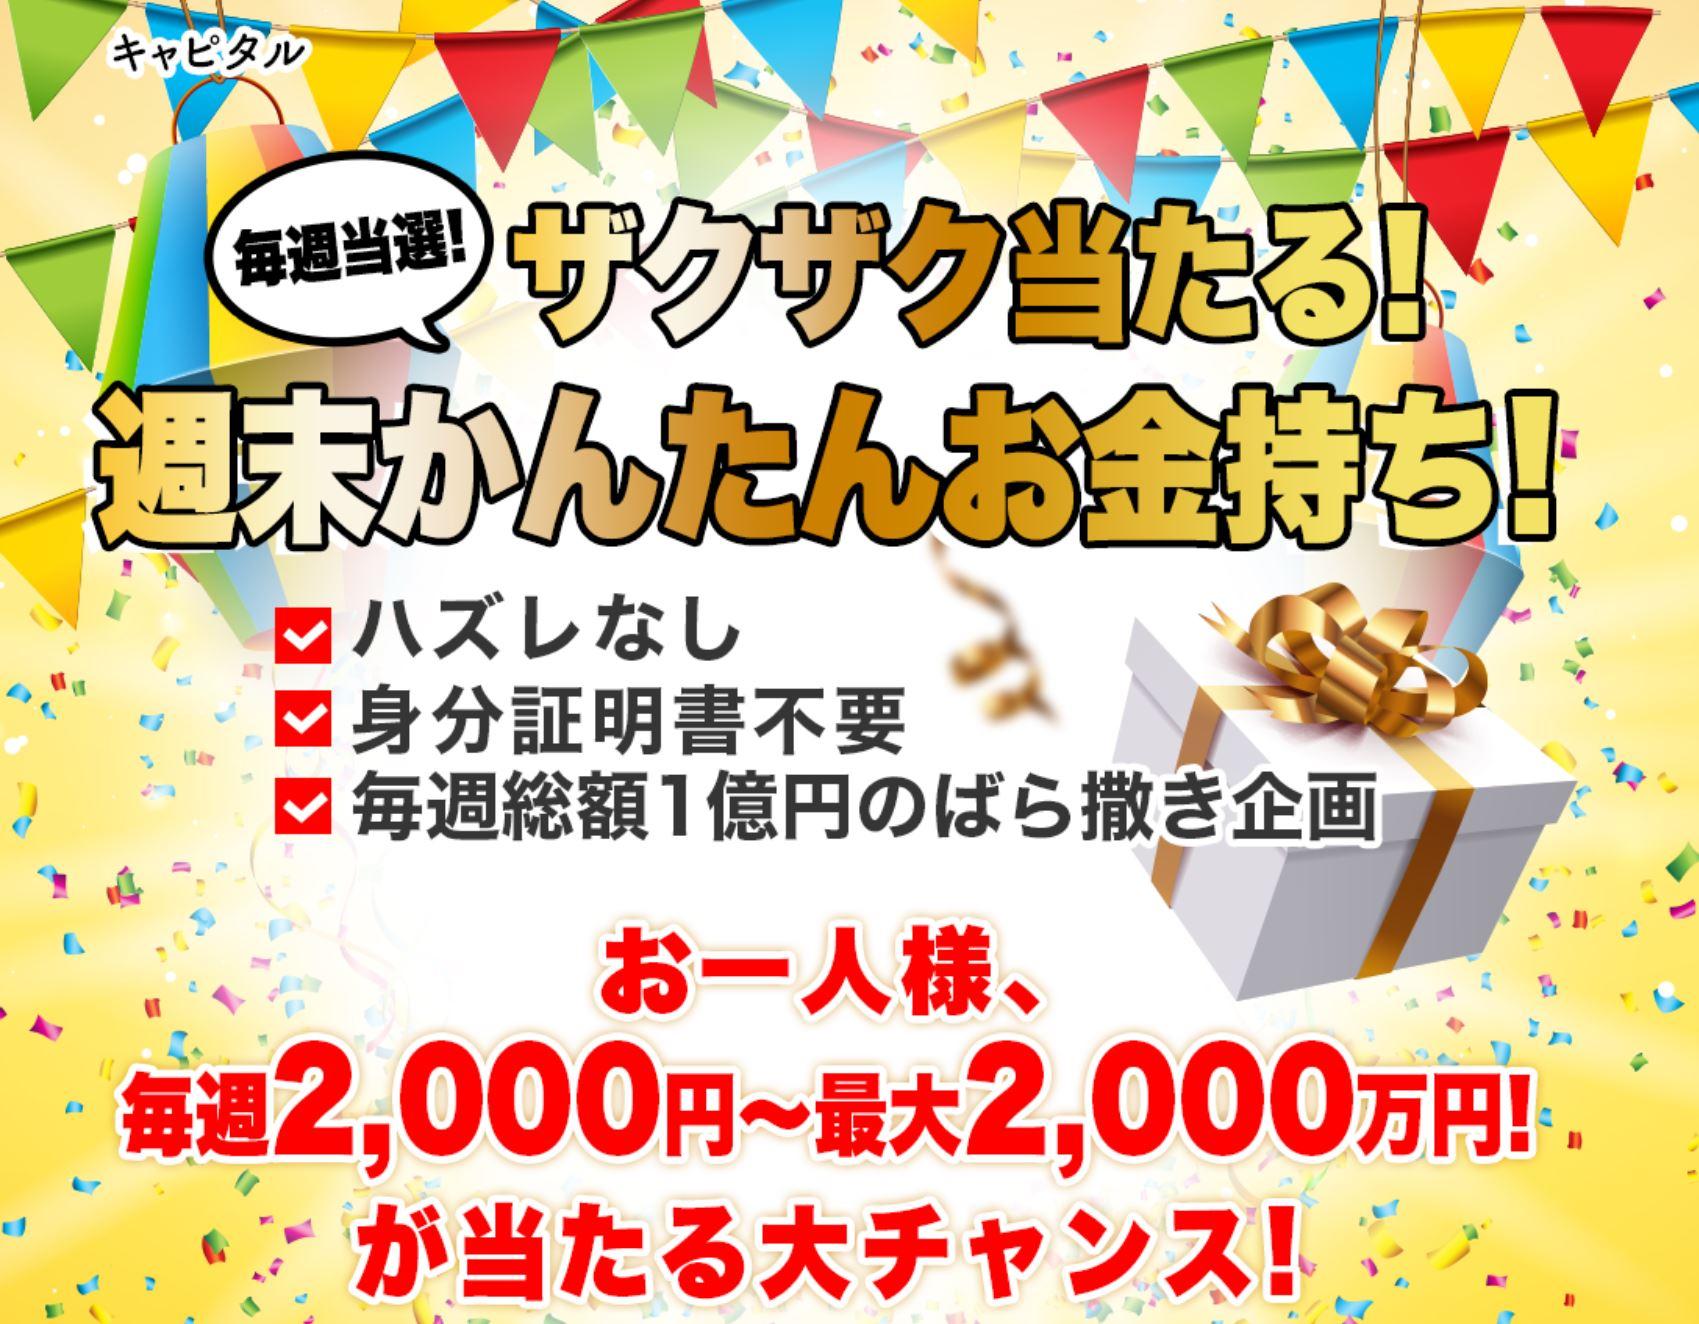 松下京香 毎週当選!!キャピタルは競馬案件で高額手数料発生!? 要注意